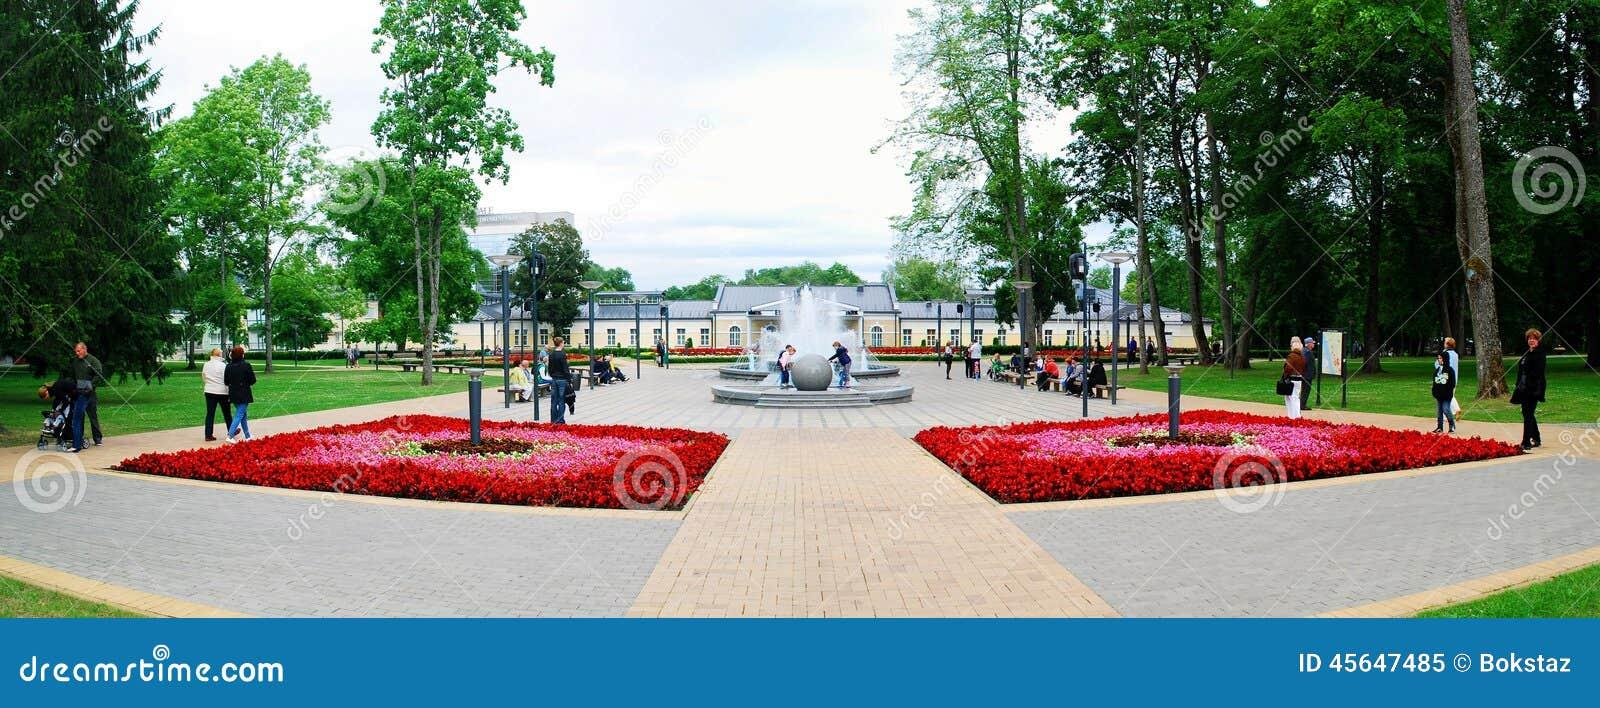 Dança da fonte com música e cores em mudança na cidade de Druskininkai